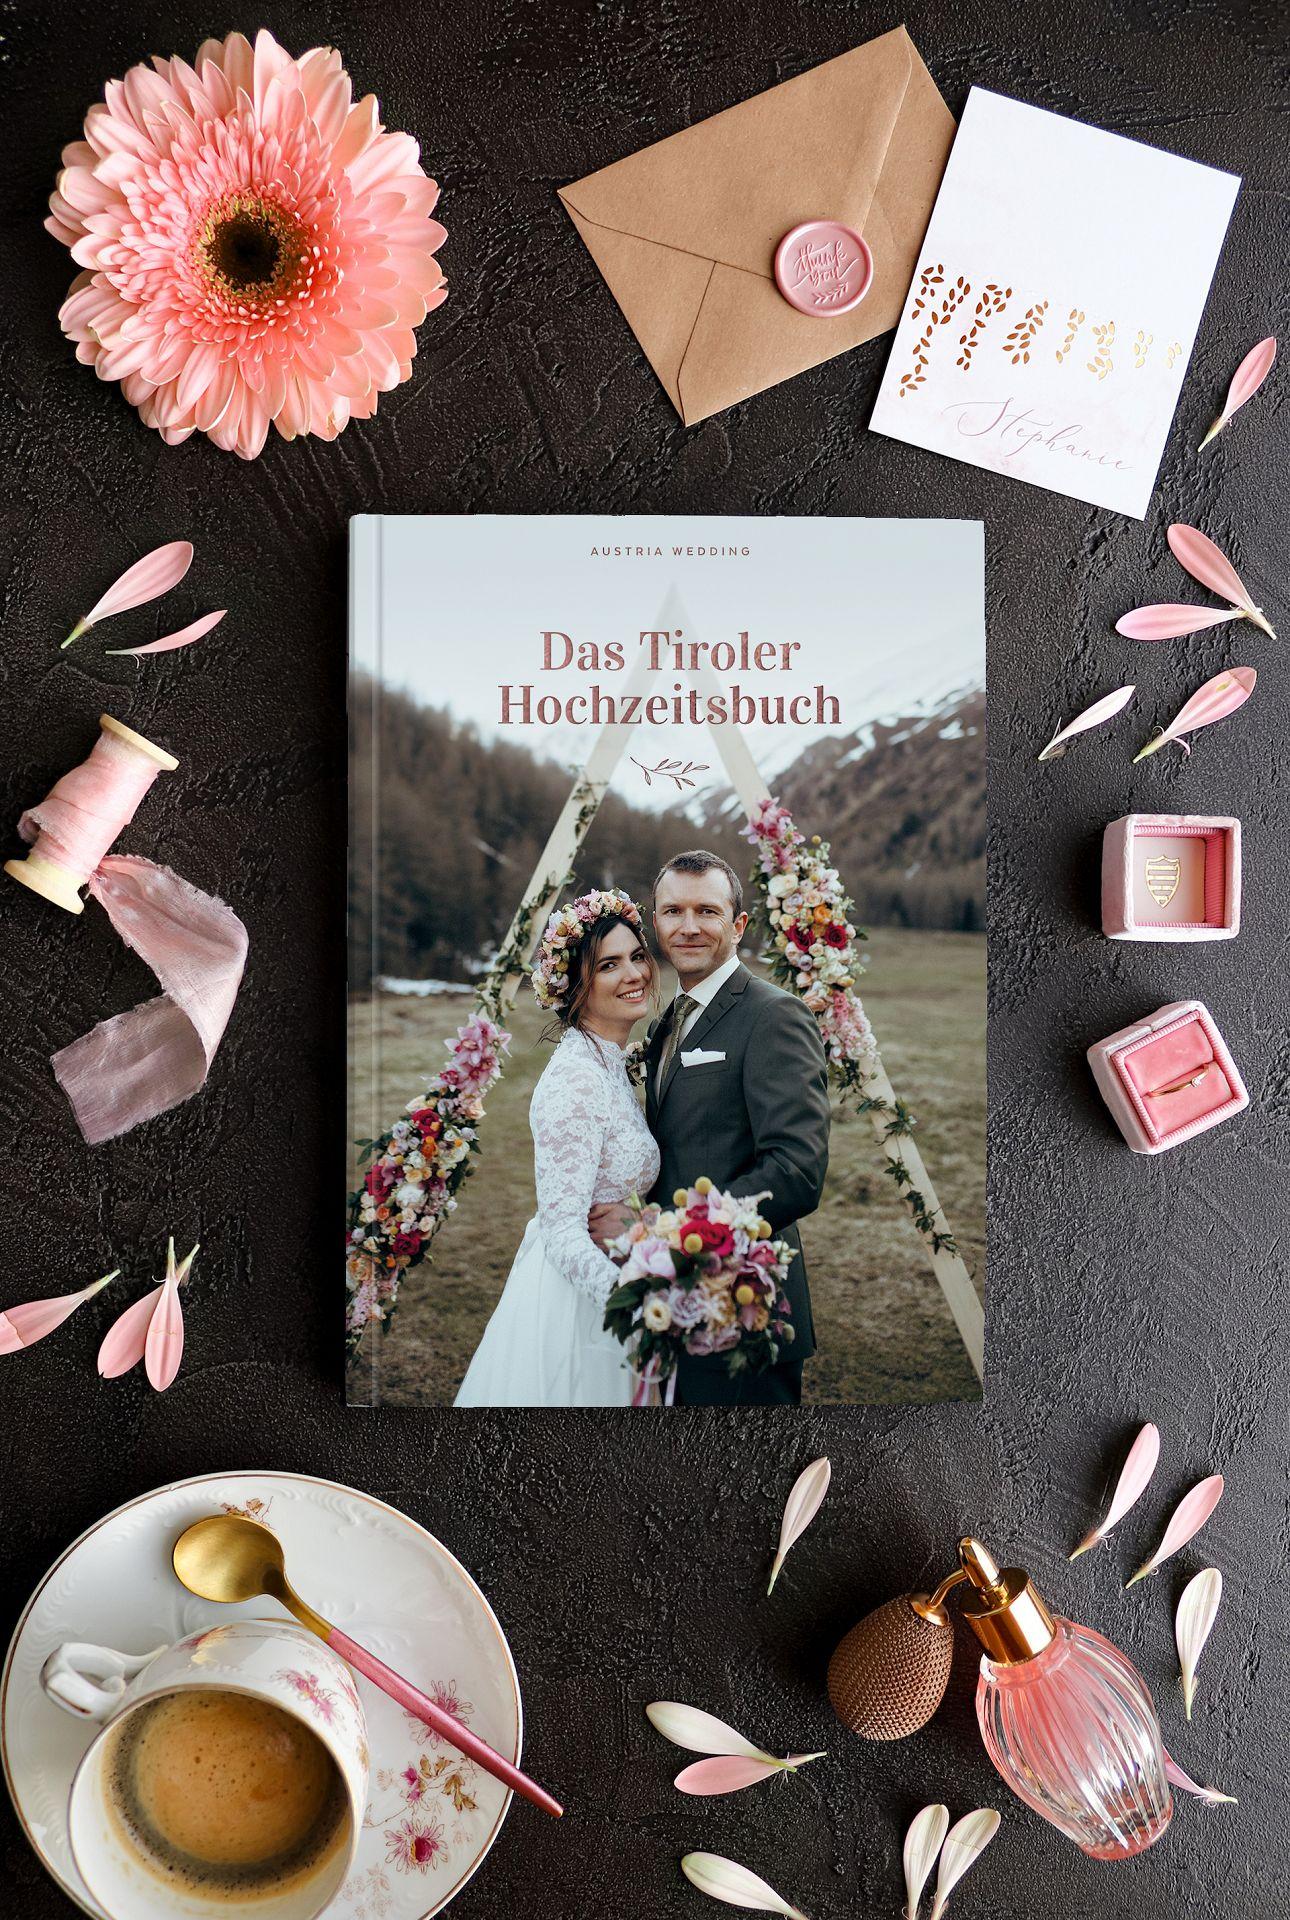 dreamotions-tirol-hochzeitsbuch-barbaraschmidphotography-2